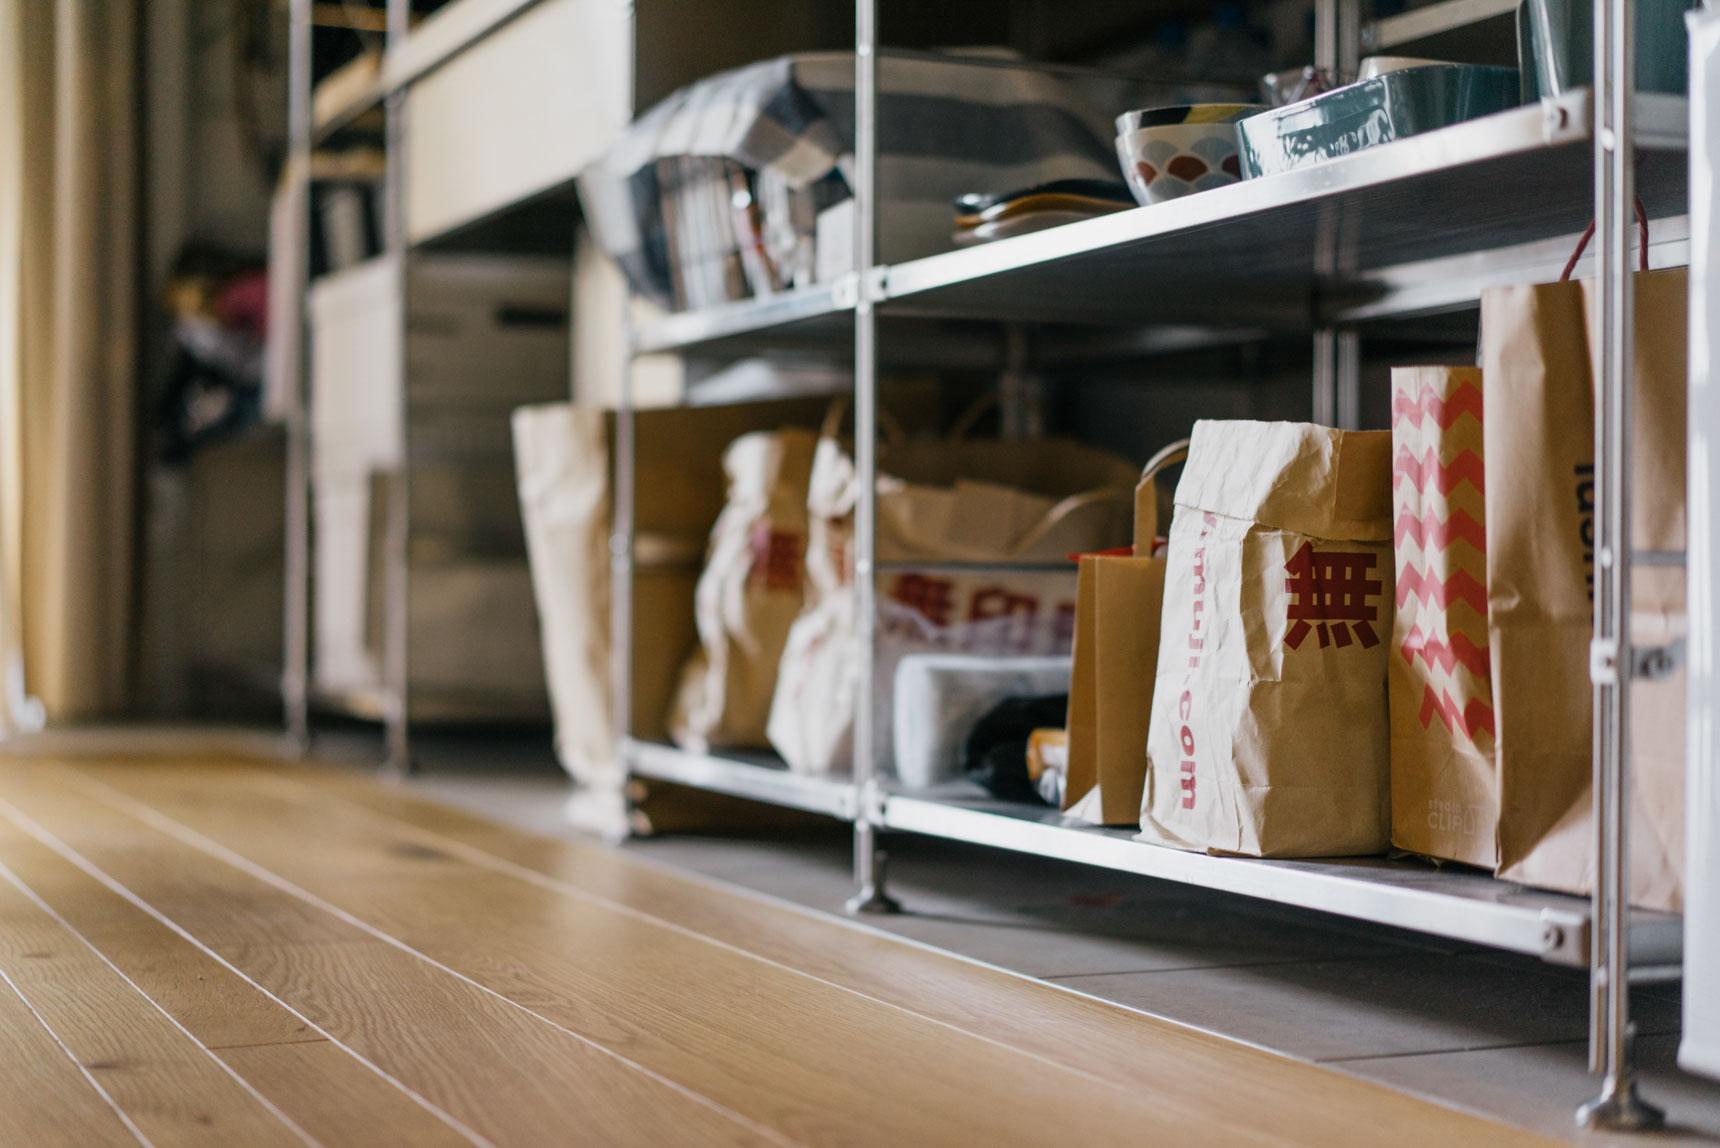 キッチンの収納に、無印良品の紙袋を活用。同じサイズ、色味、質感で揃っているから、すっきり見えます。